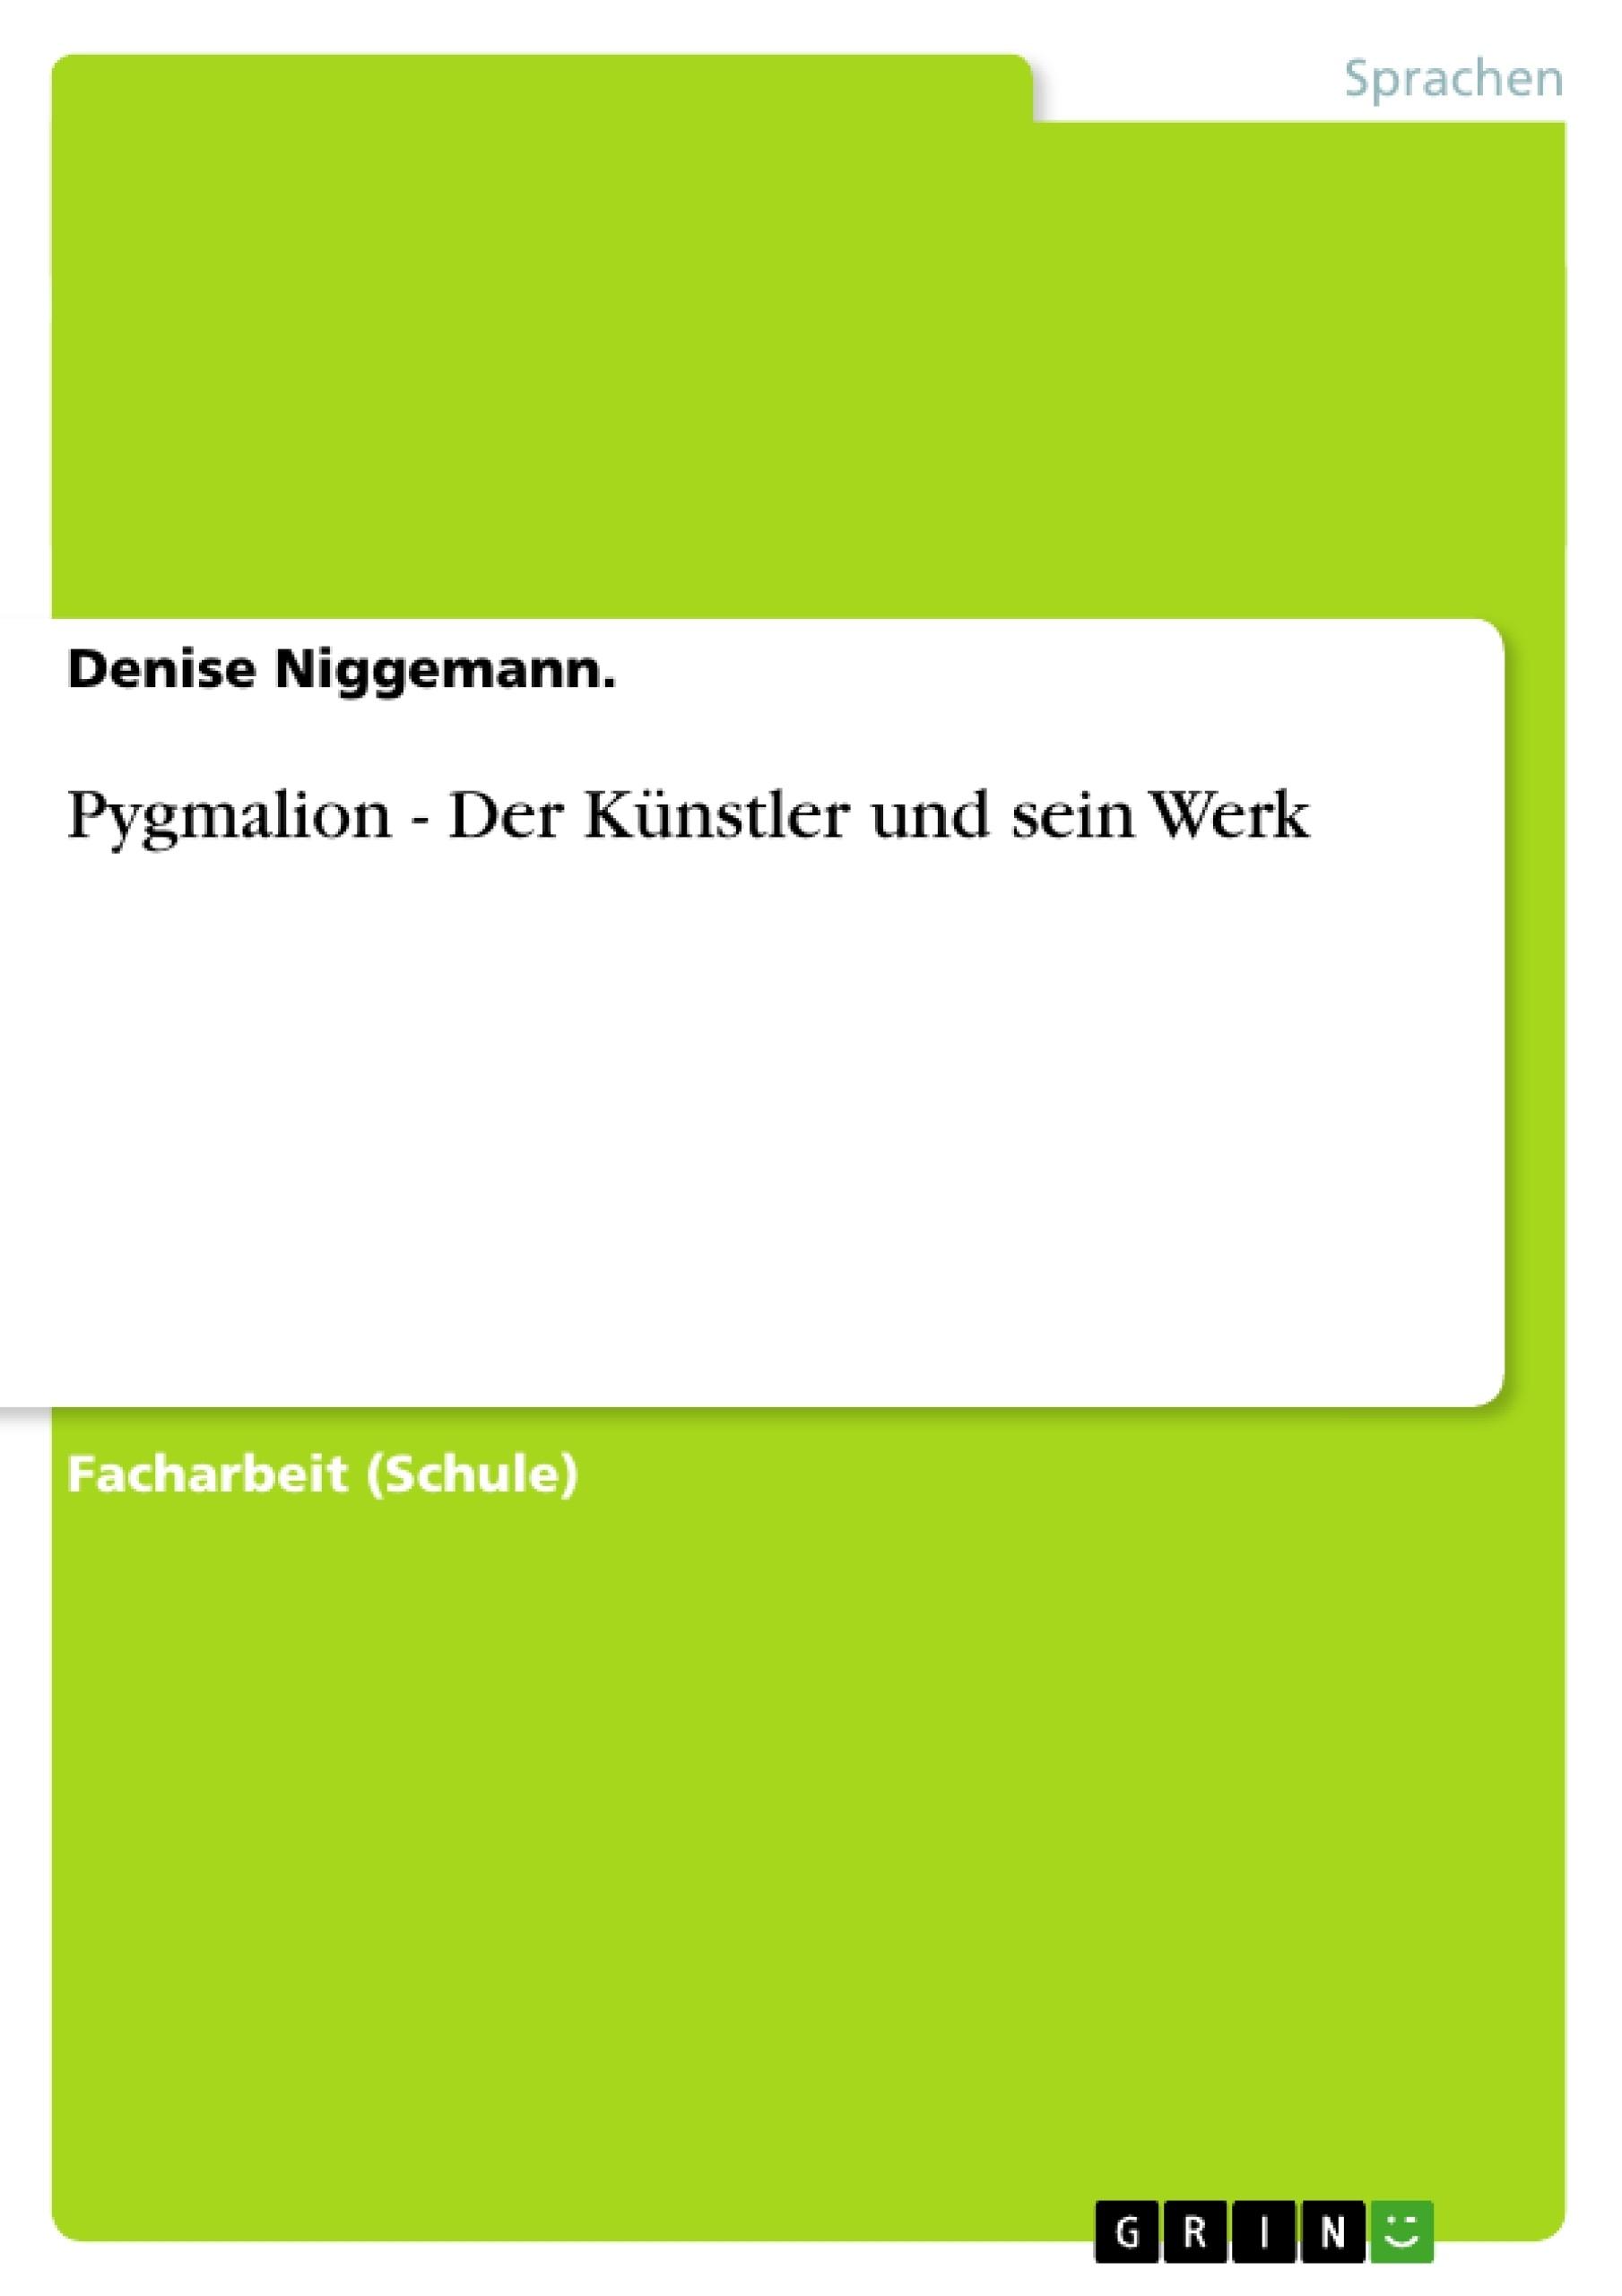 Titel: Pygmalion - Der Künstler und sein Werk